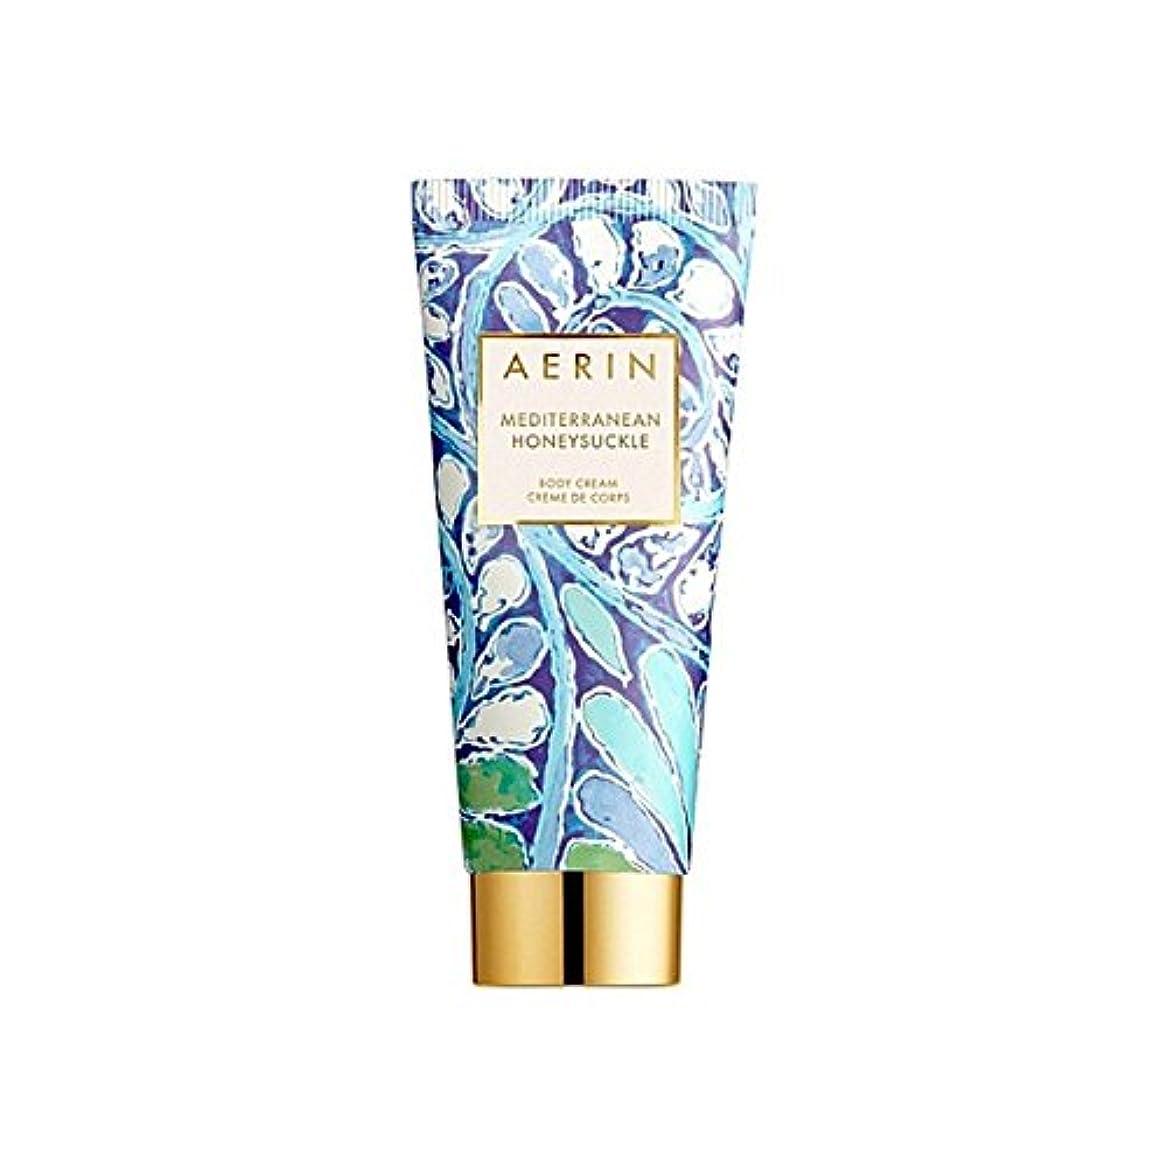 政府大宇宙繰り返すスイカズラボディクリーム150ミリリットル x4 - Aerin Mediterrenean Honeysuckle Body Cream 150ml (Pack of 4) [並行輸入品]